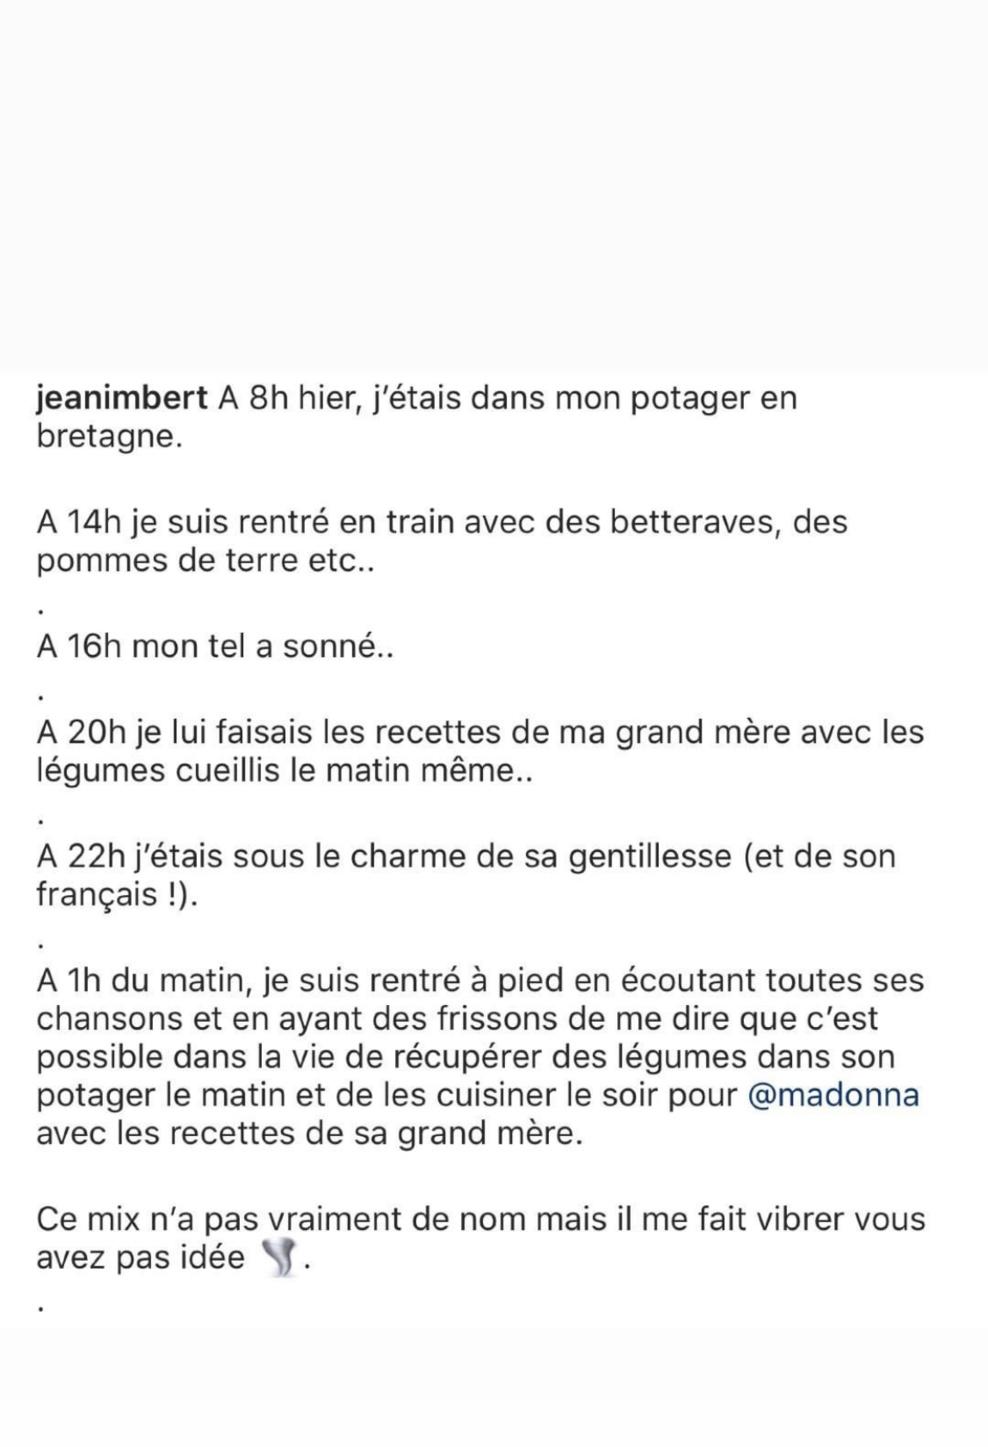 MADONNA A PARIS